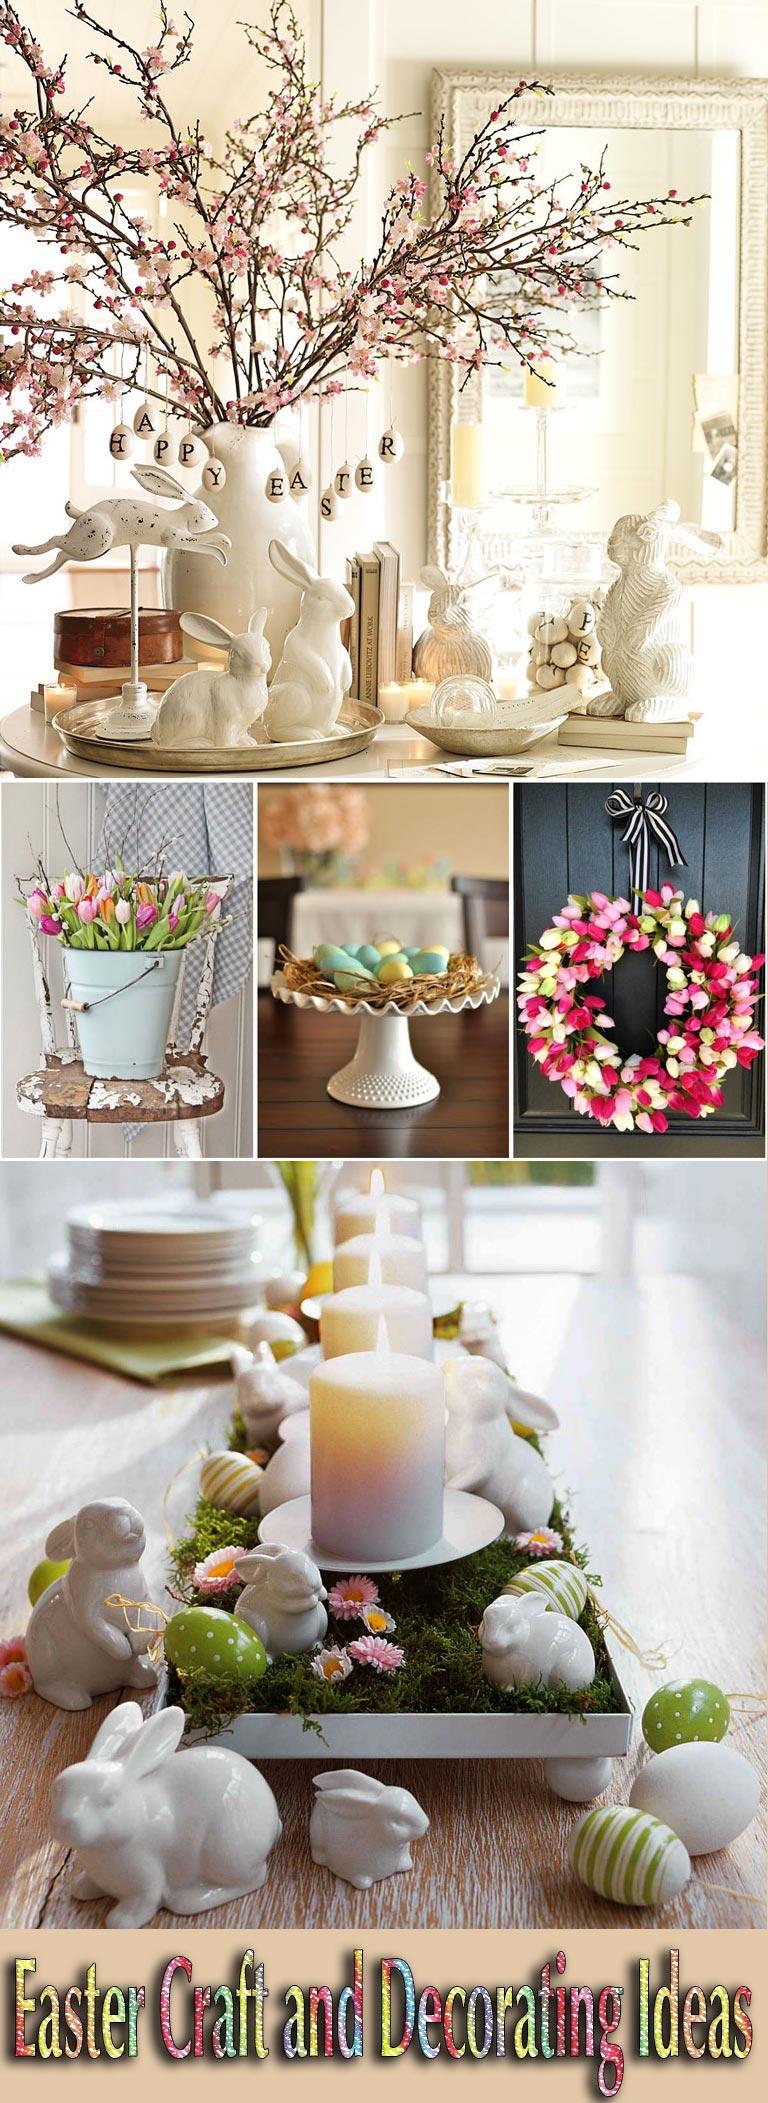 Easter Craft and Decorating Ideas  Quiet Corner